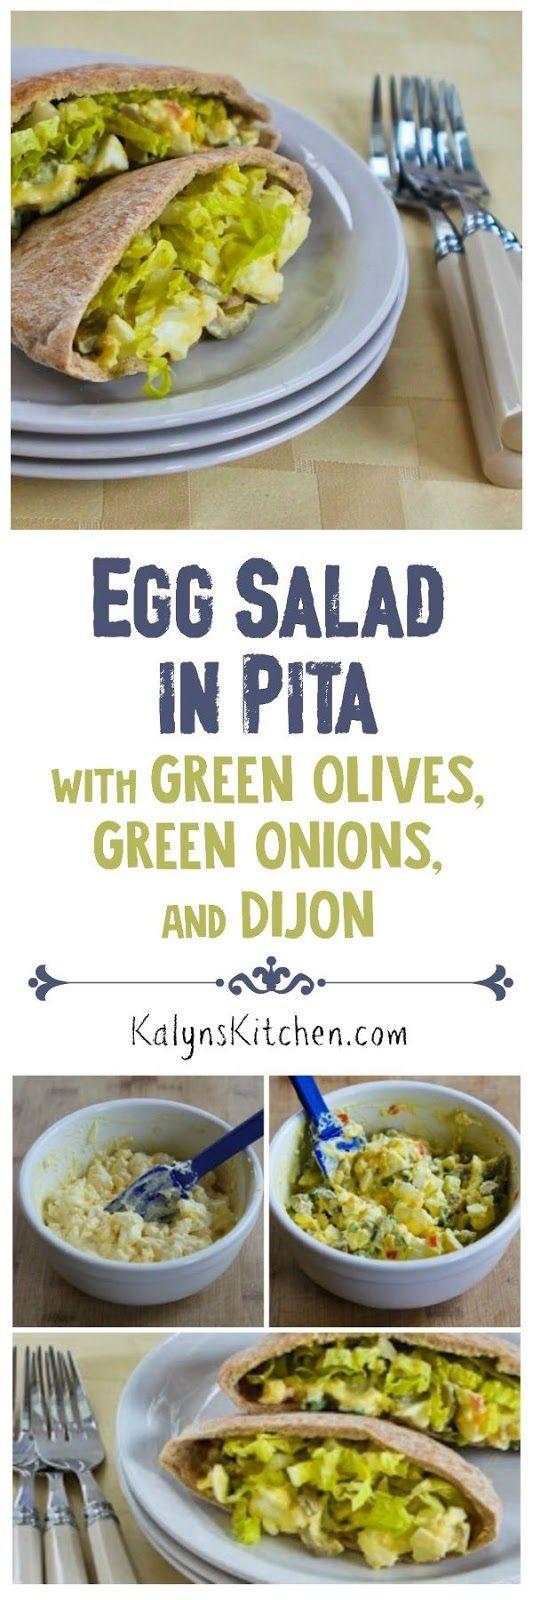 Ensalada de huevo en Pita con aceitunas verdes, cebollas verdes, y Dijon encontrar en KalynsKitchen.com